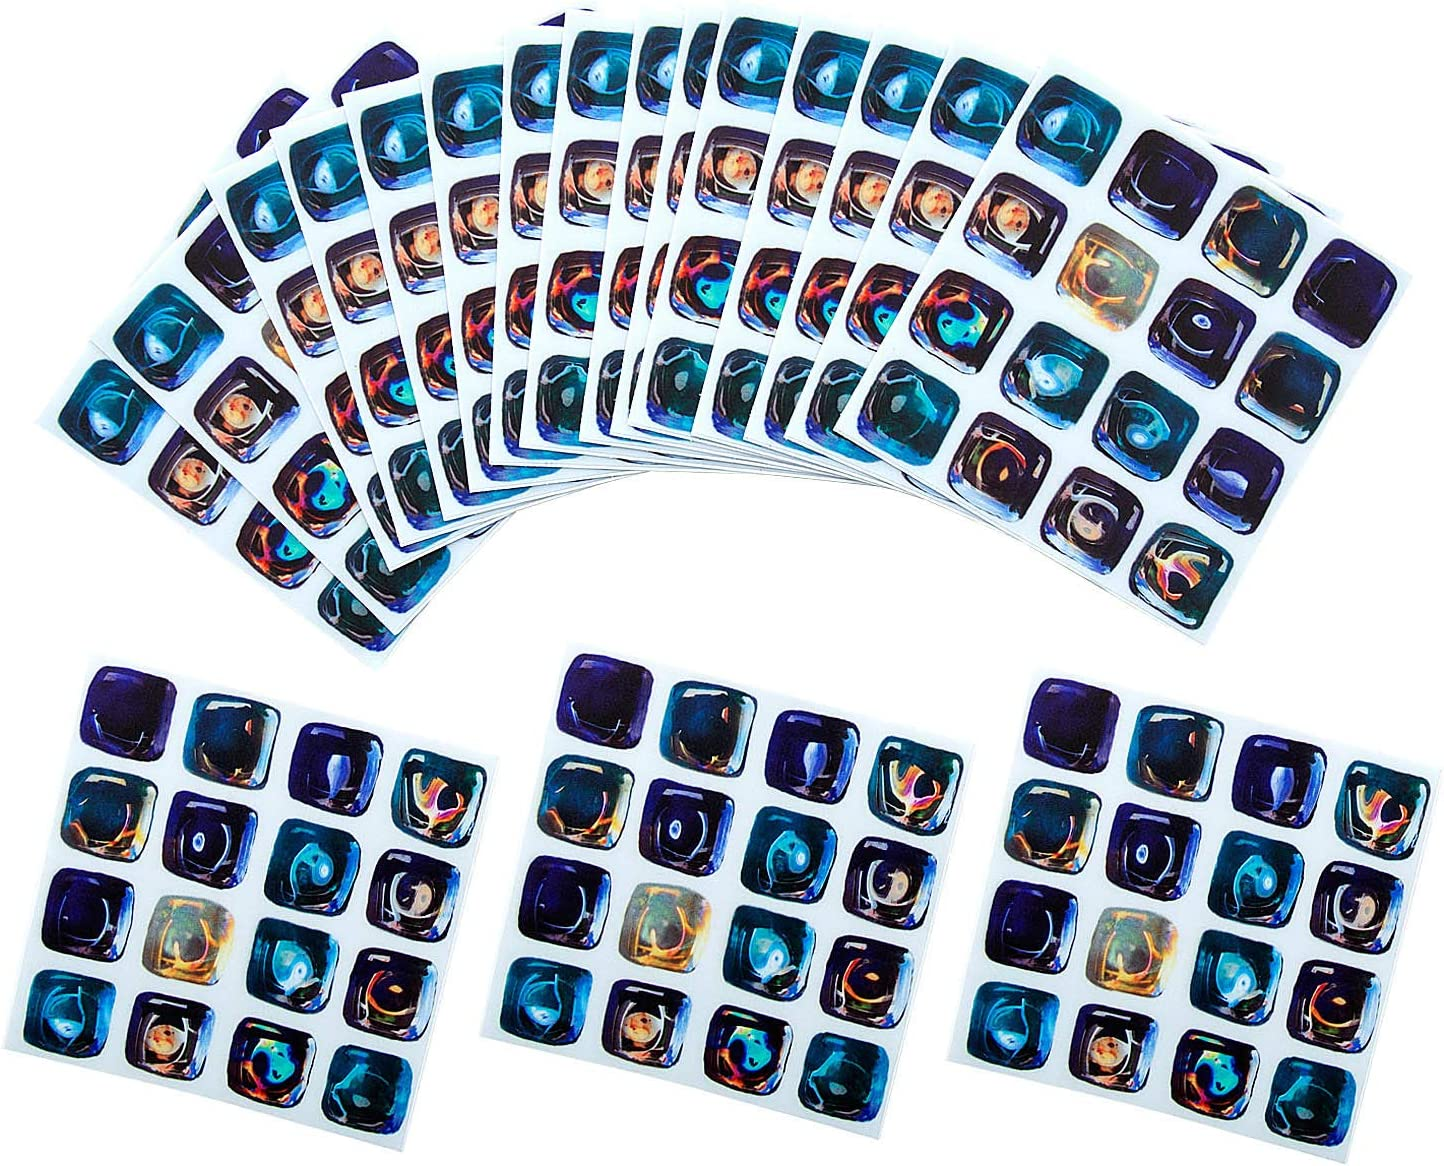 Blue Verschiedene Mosaik wandfliesen Aufkleber 18 St/ück Selbstklebende Fliesenaufkleber f/ür K/üche und Bad 10x10cm Comius Sharp 3D Tile Style Decals